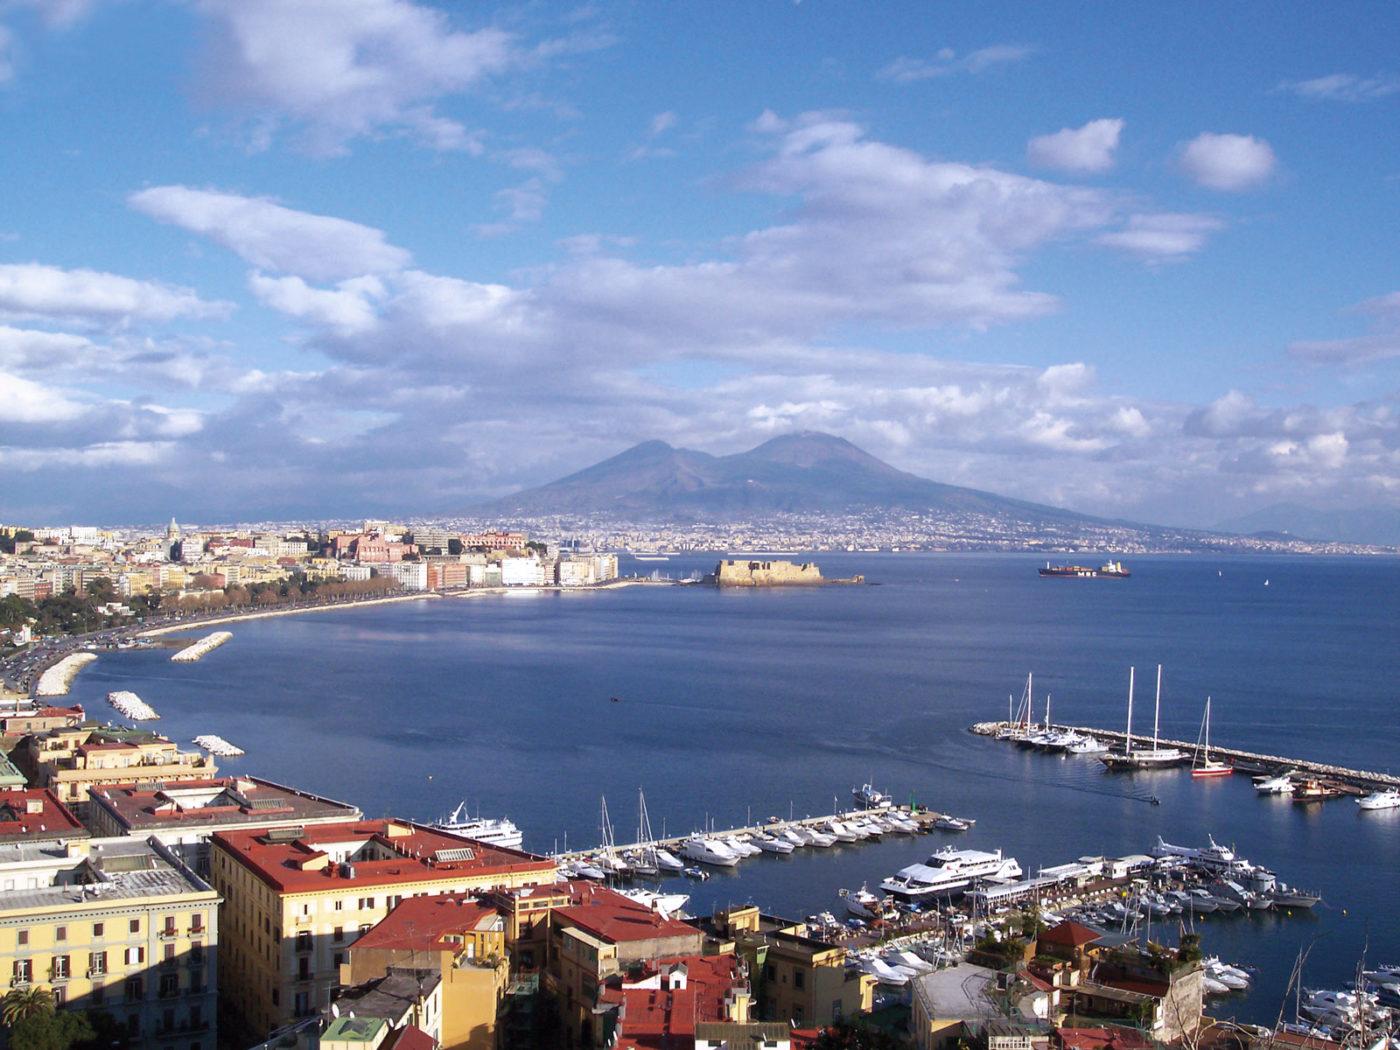 Una foto panoramica di Napoli con il Vesuvio sullo sfondo